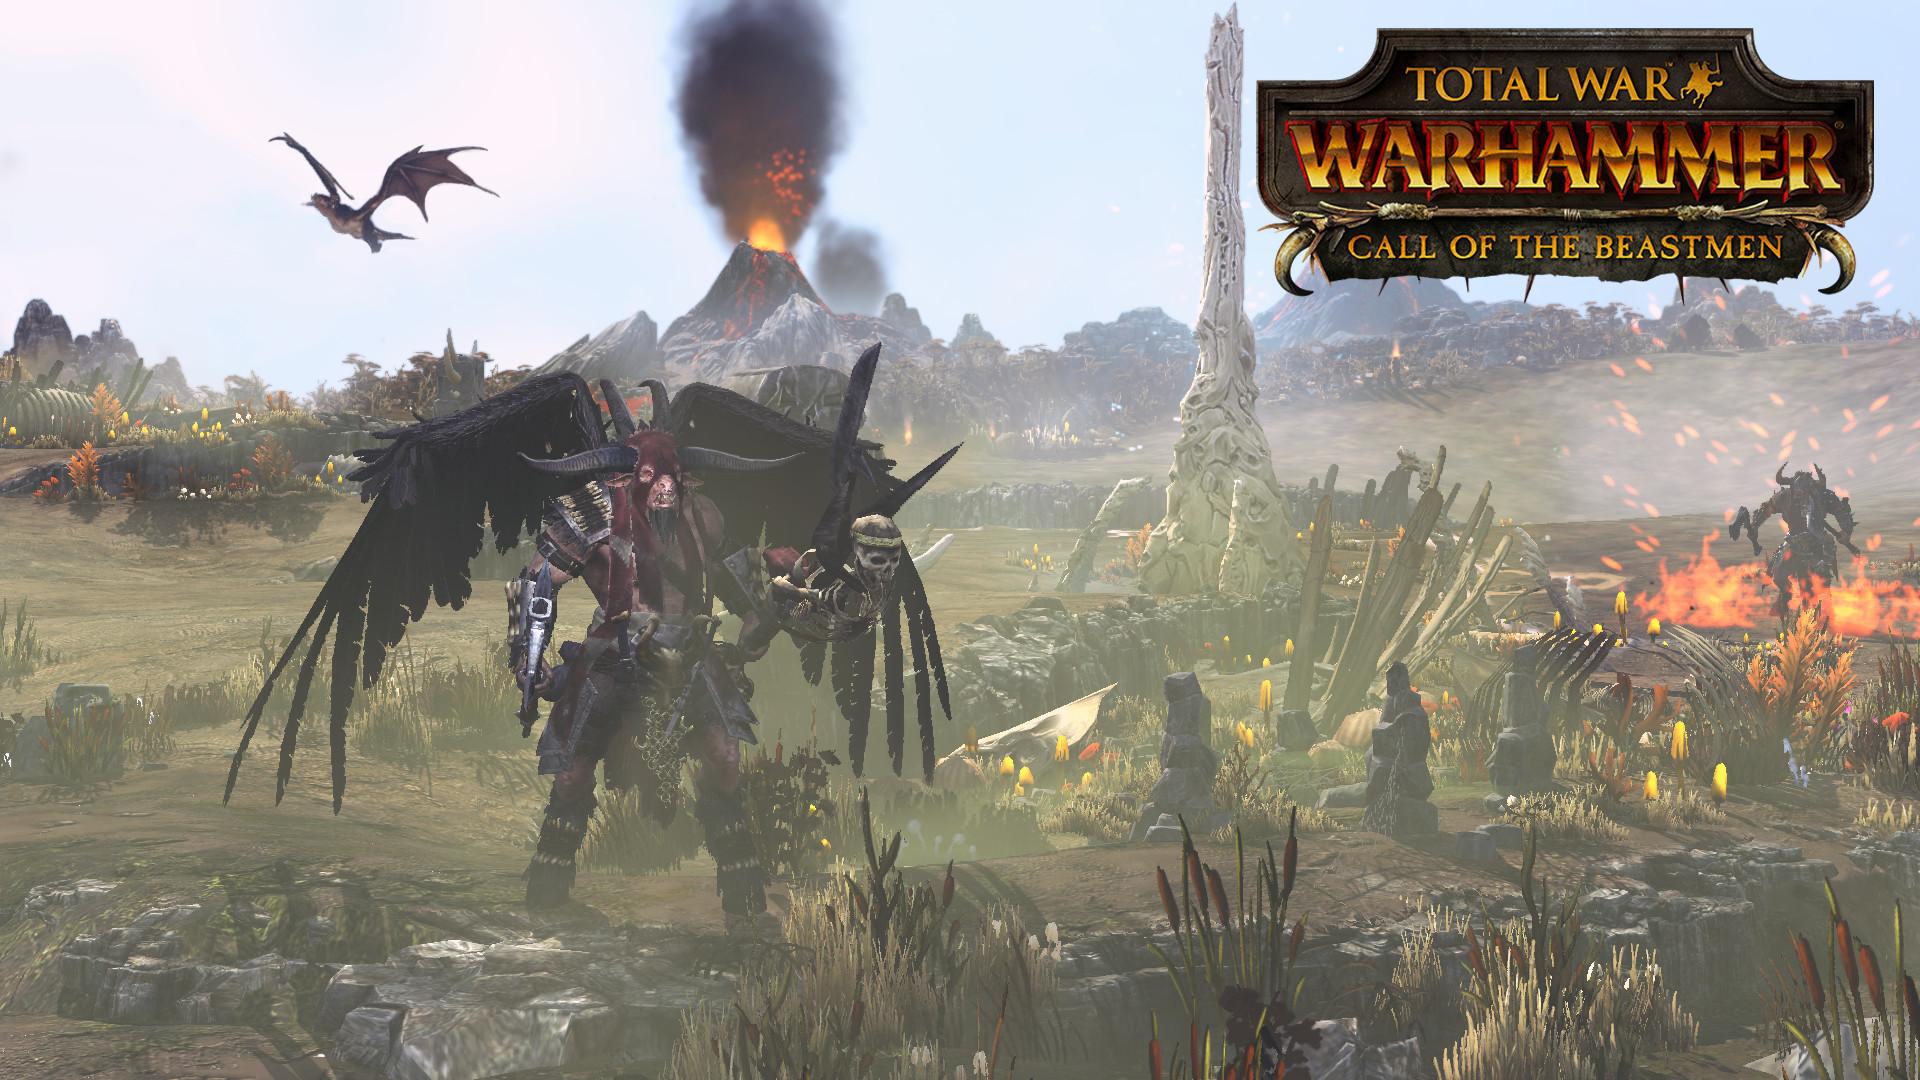 Třetí DLC do Total War: Warhammer bude zaměřeno na Beastmeny 127060